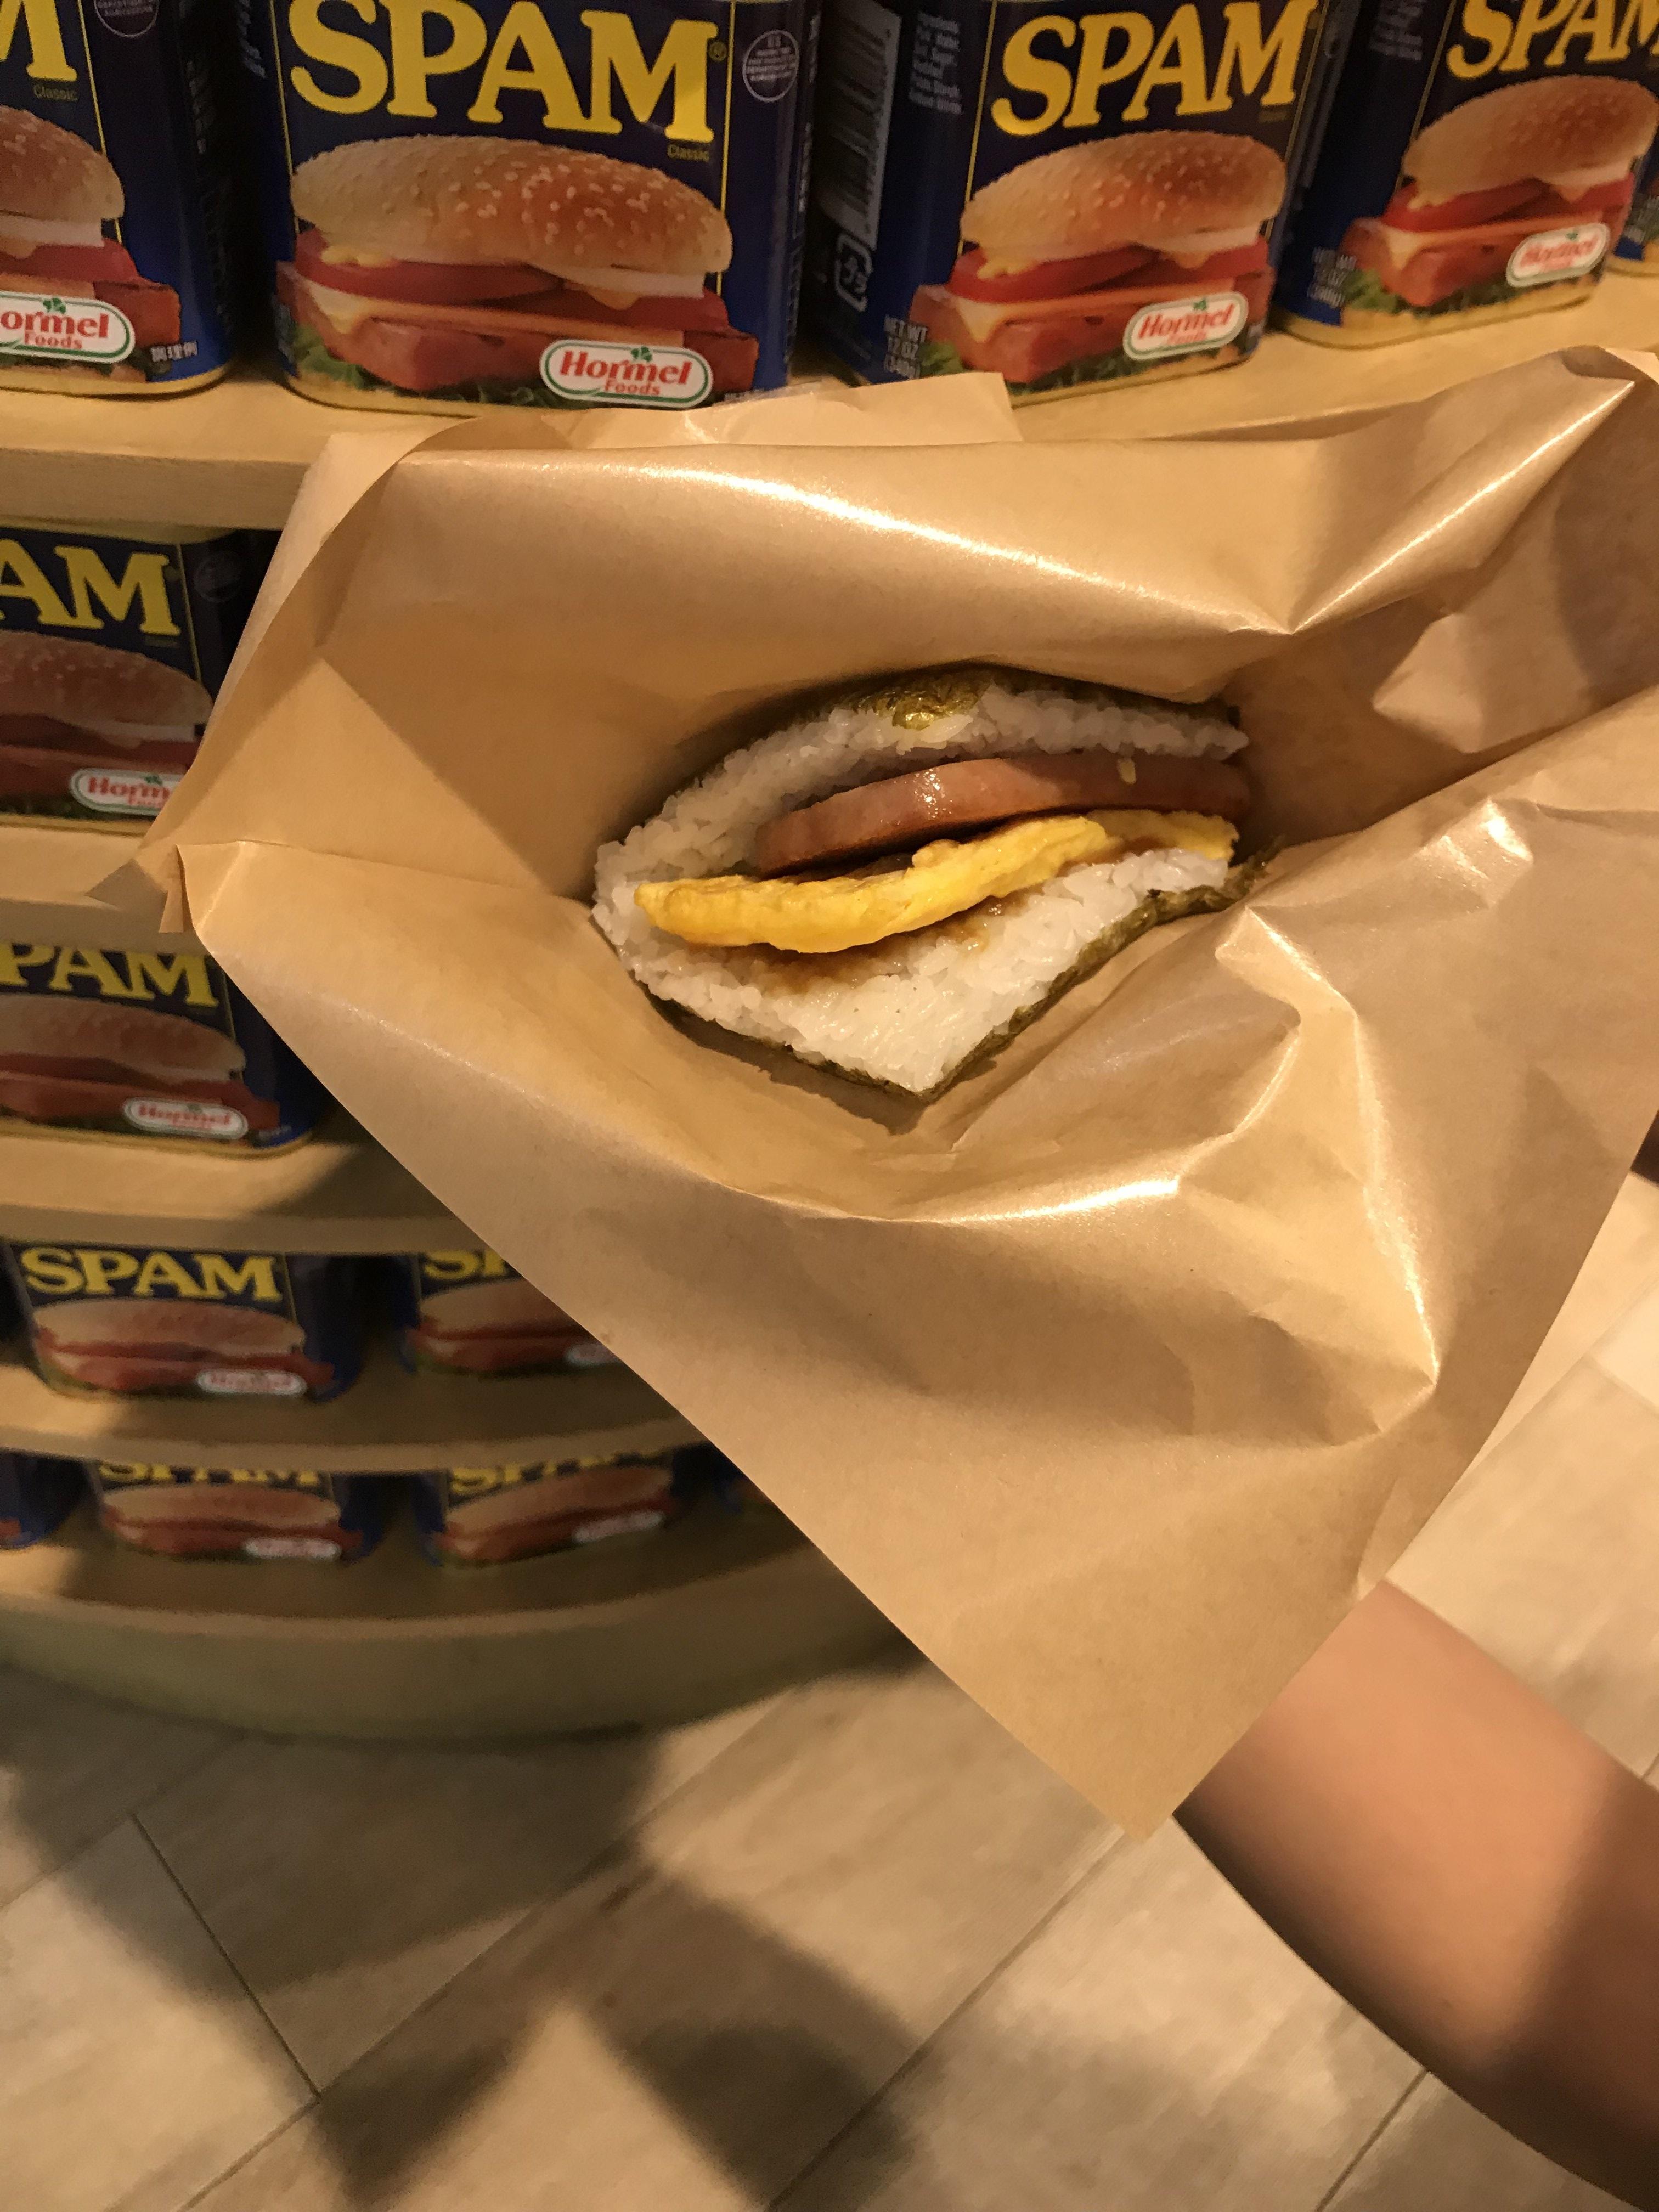 沖縄に来たらここ!那覇空港で食べる絶品スパムおにぎり◎おススメ!